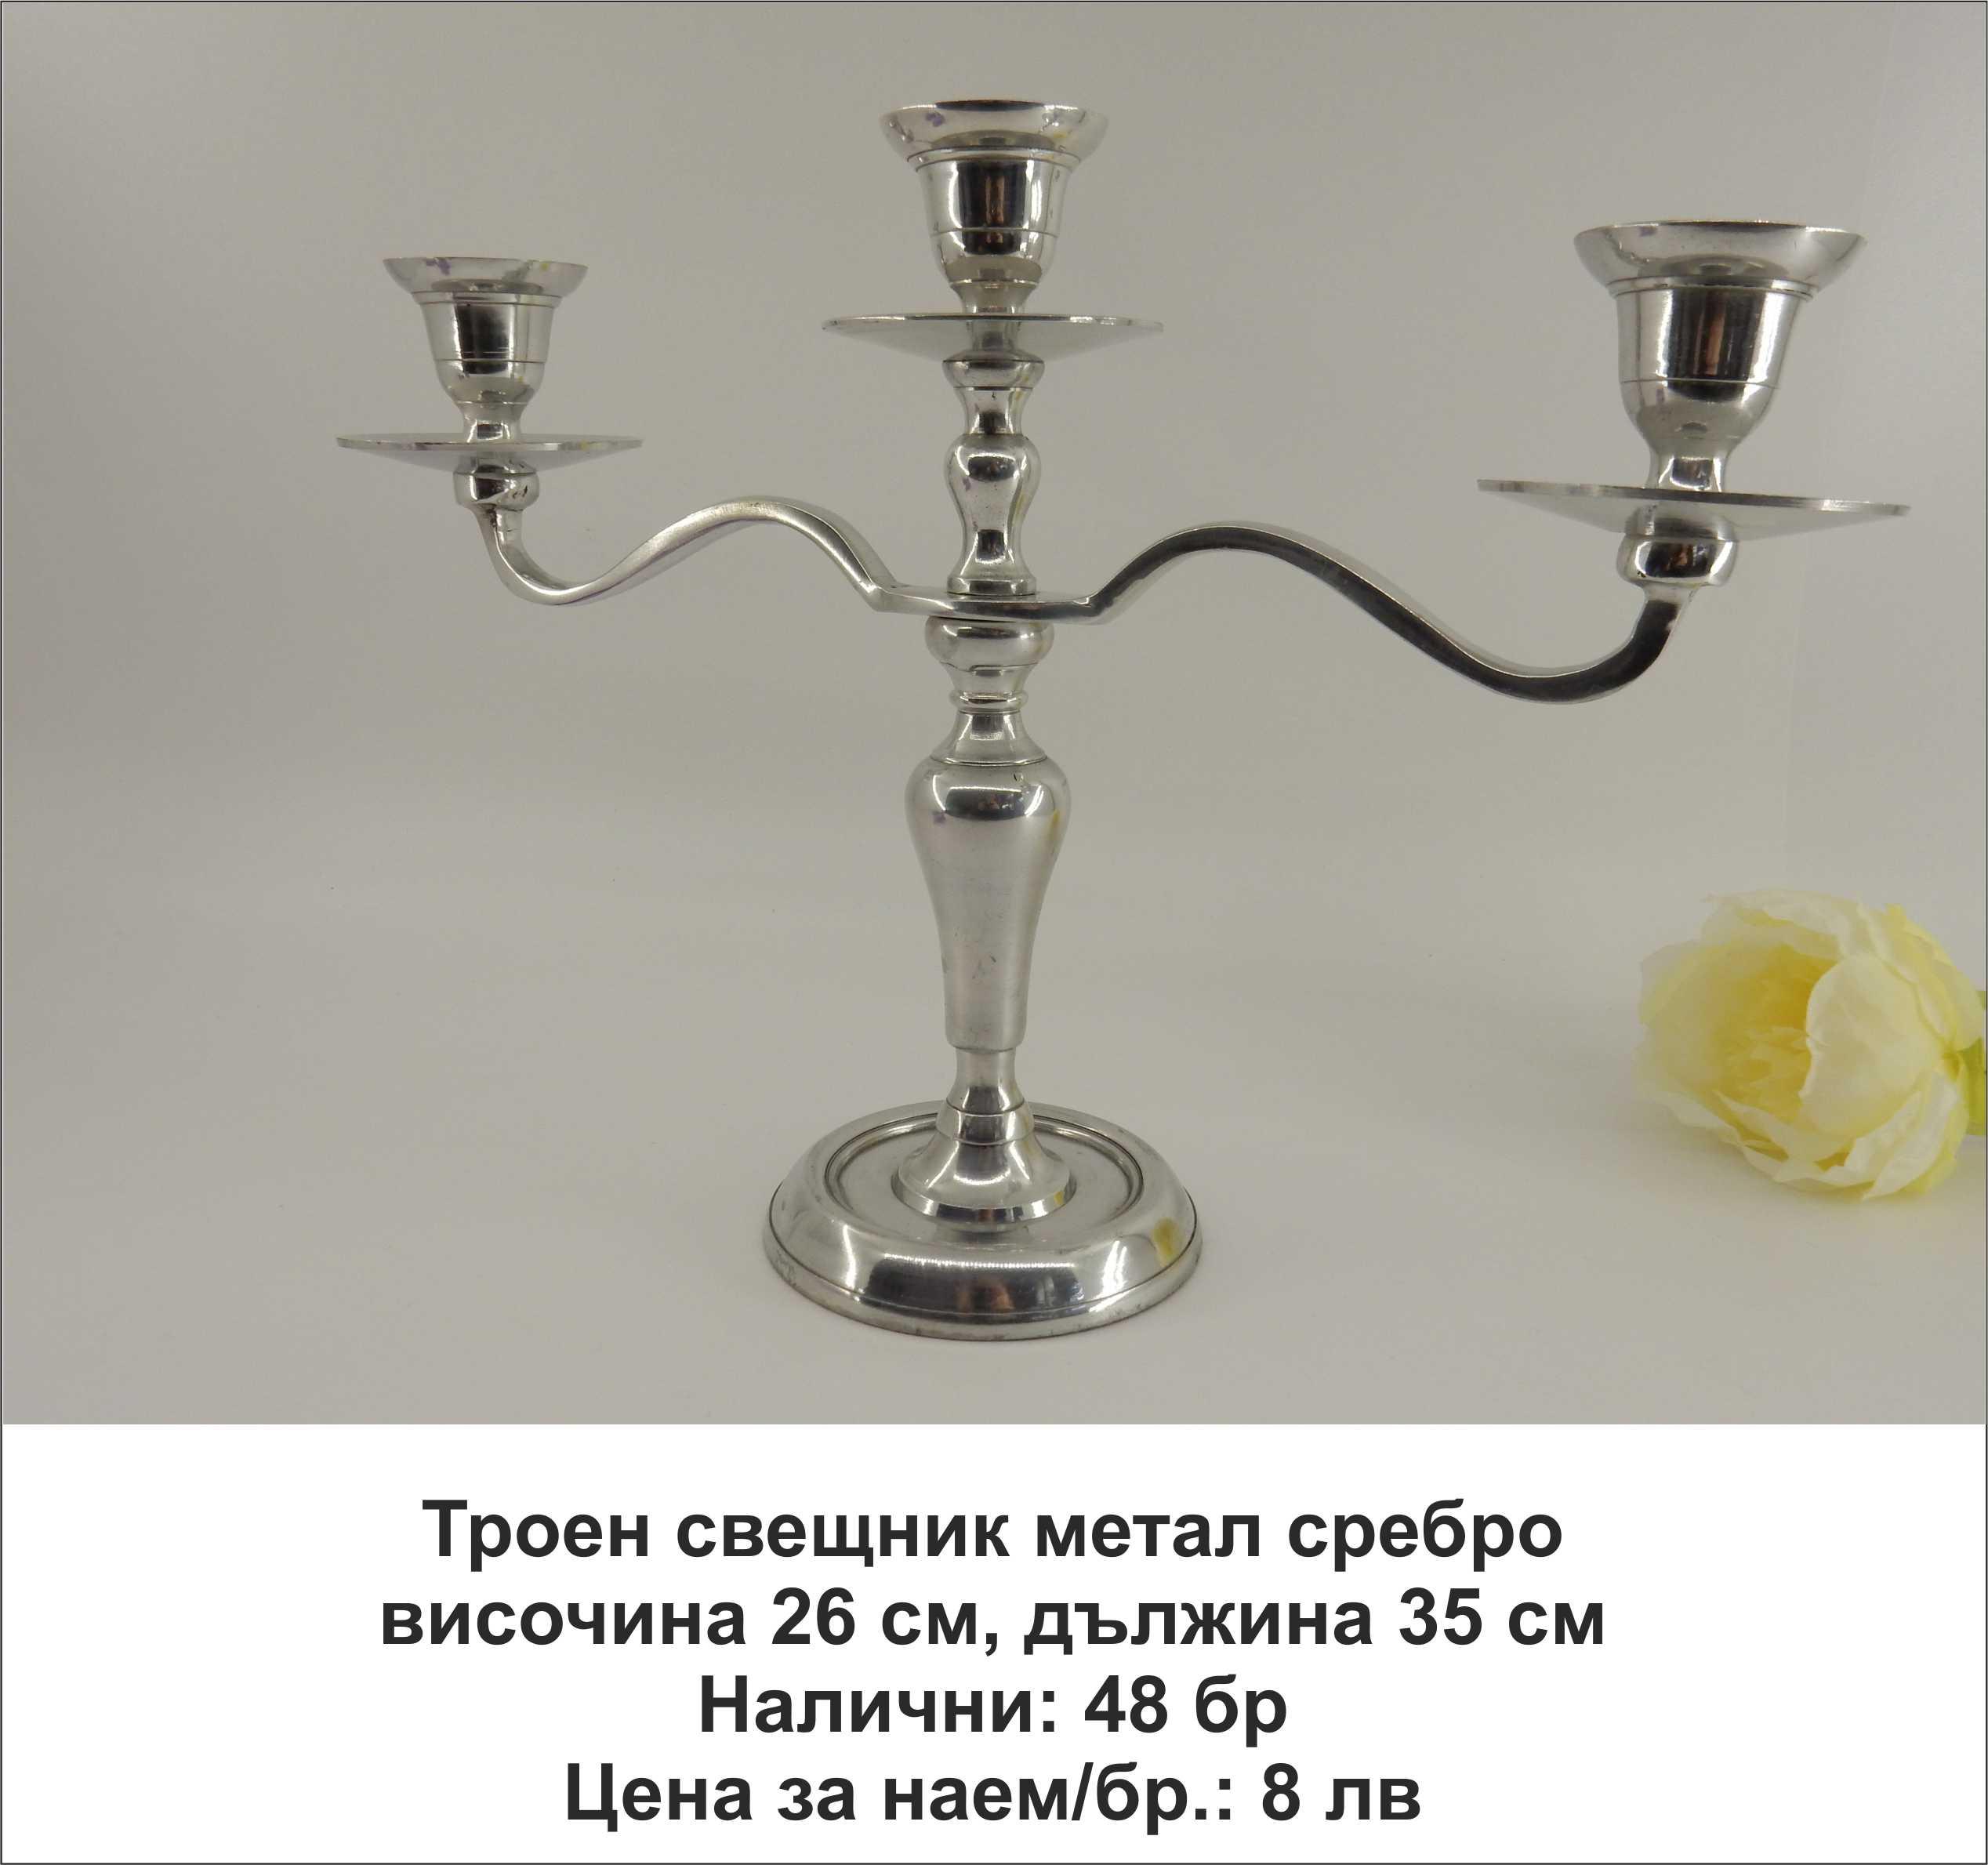 Троен свещник метал сребро. Височина 26 см. За три островърхи свещи. Цена за наем брой: 8 лв